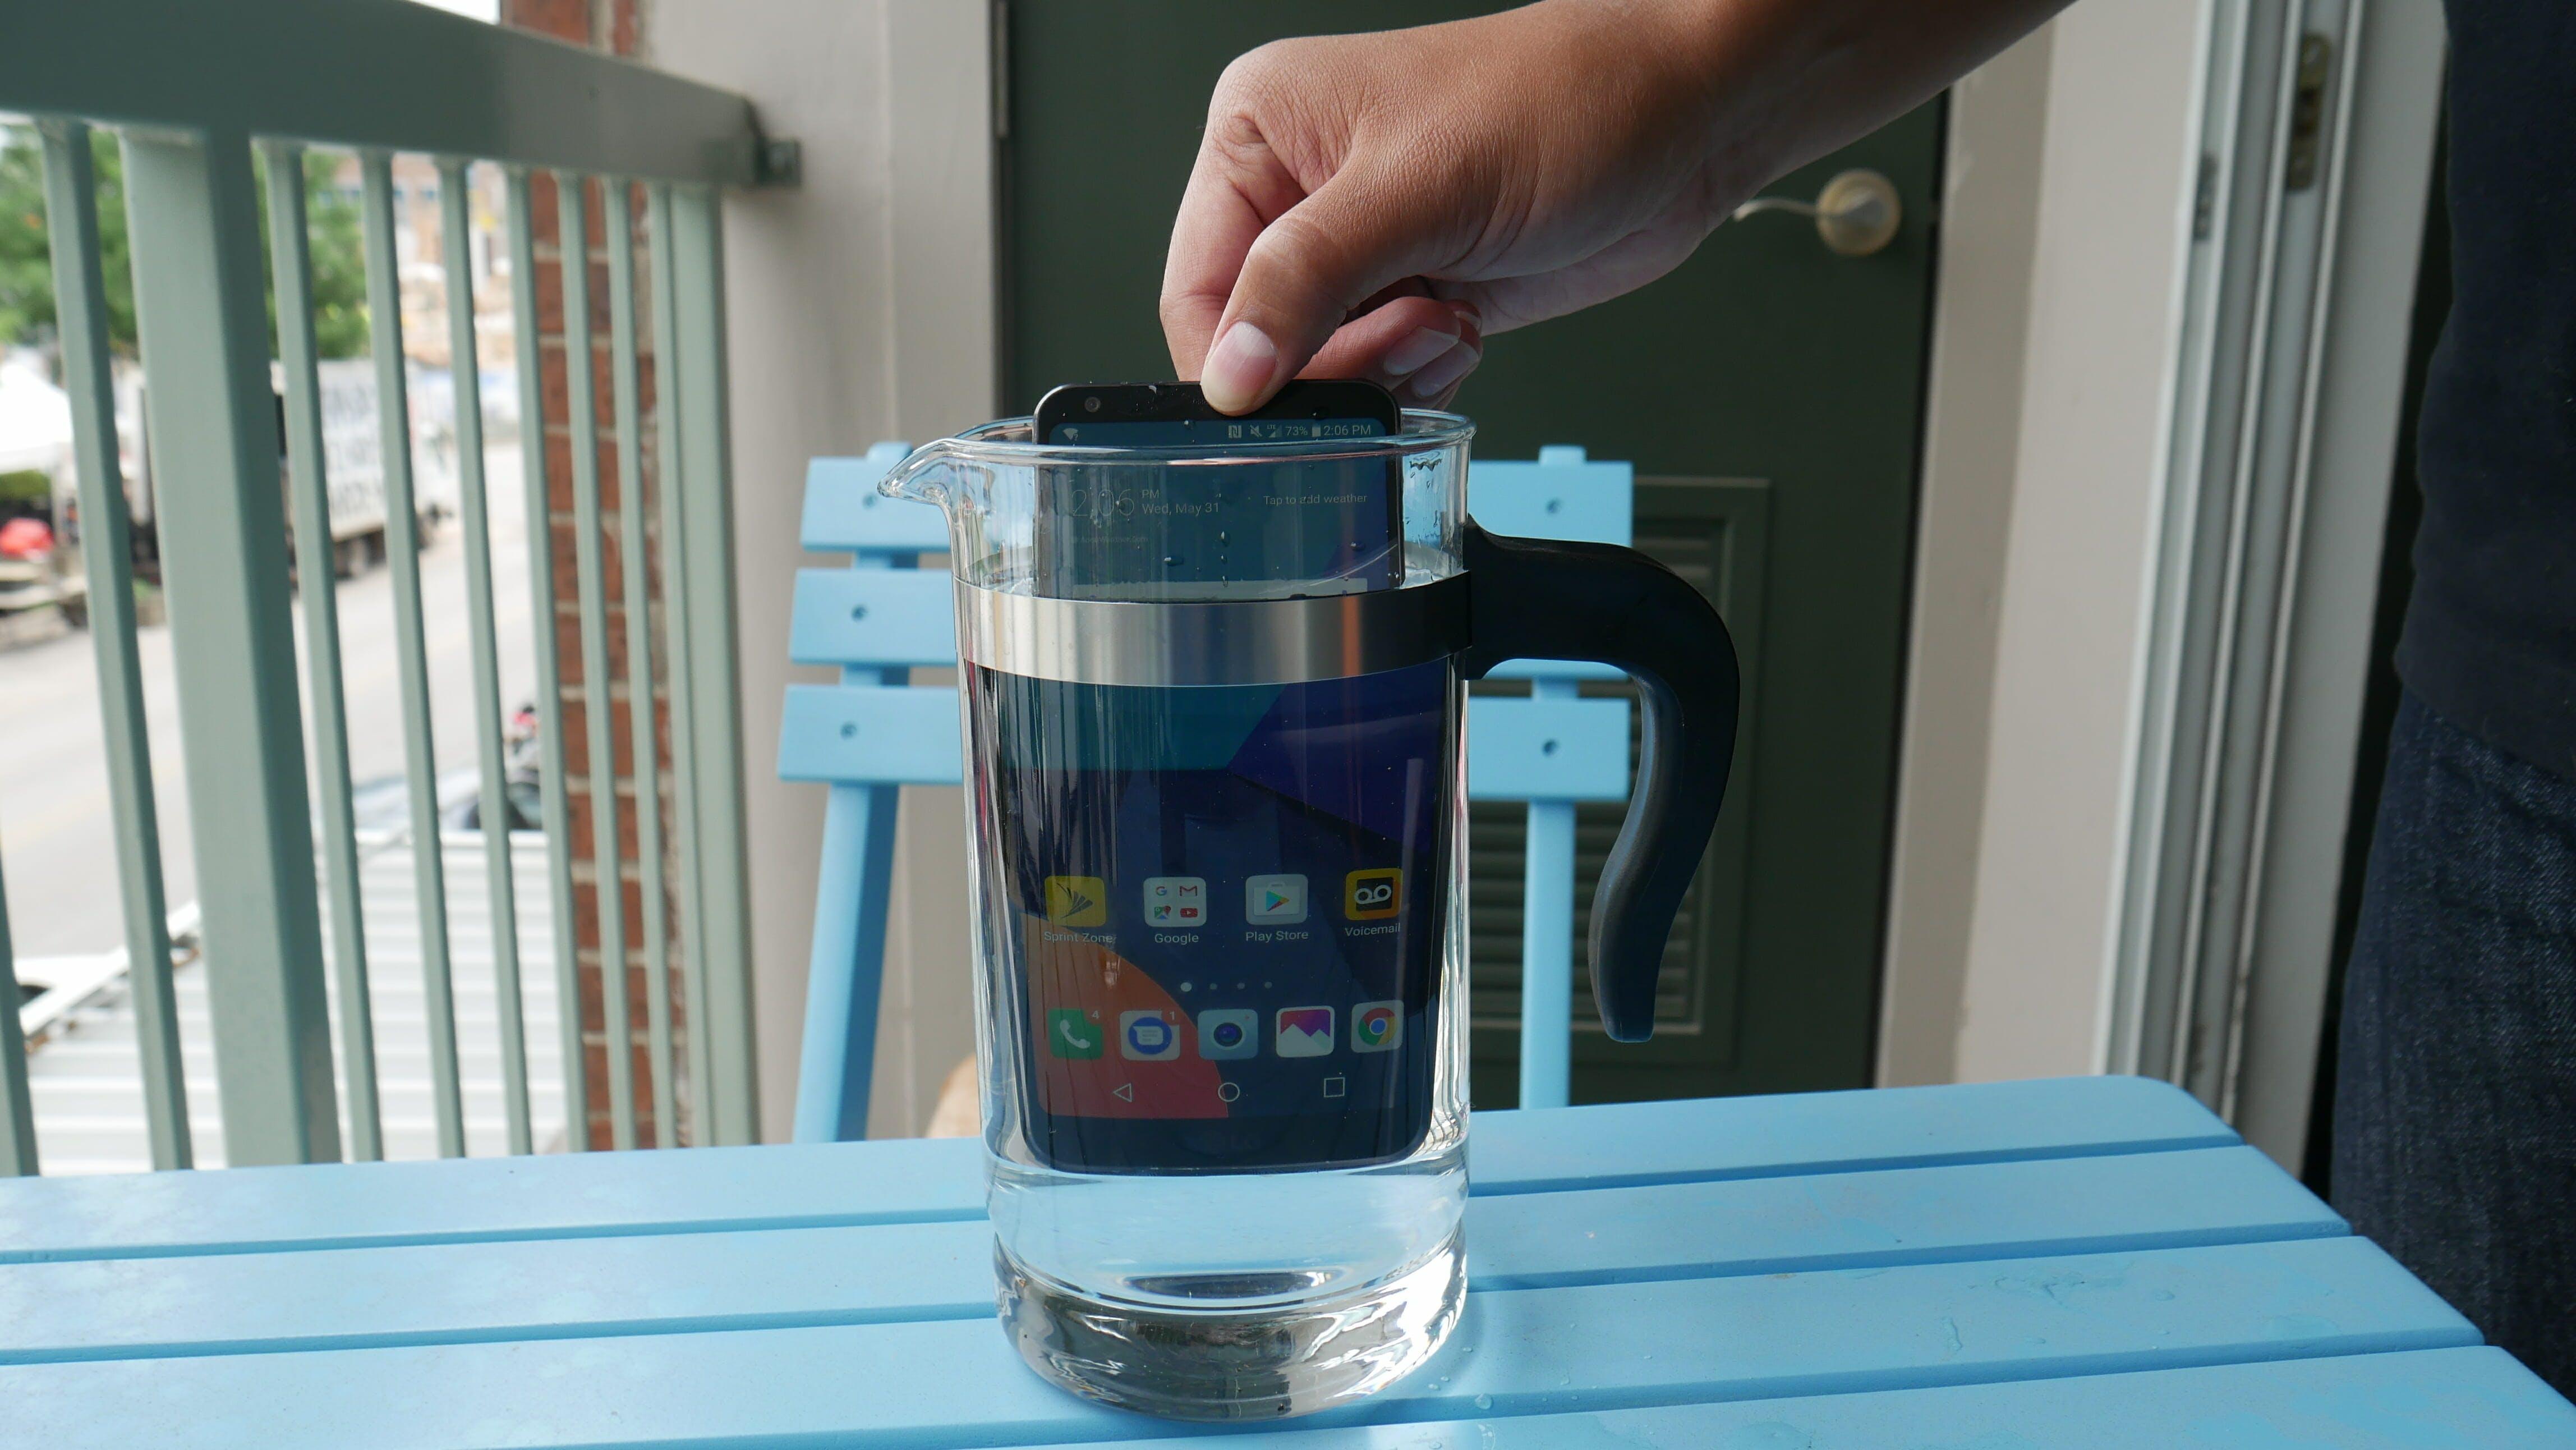 lg g6 waterproof smartphone review